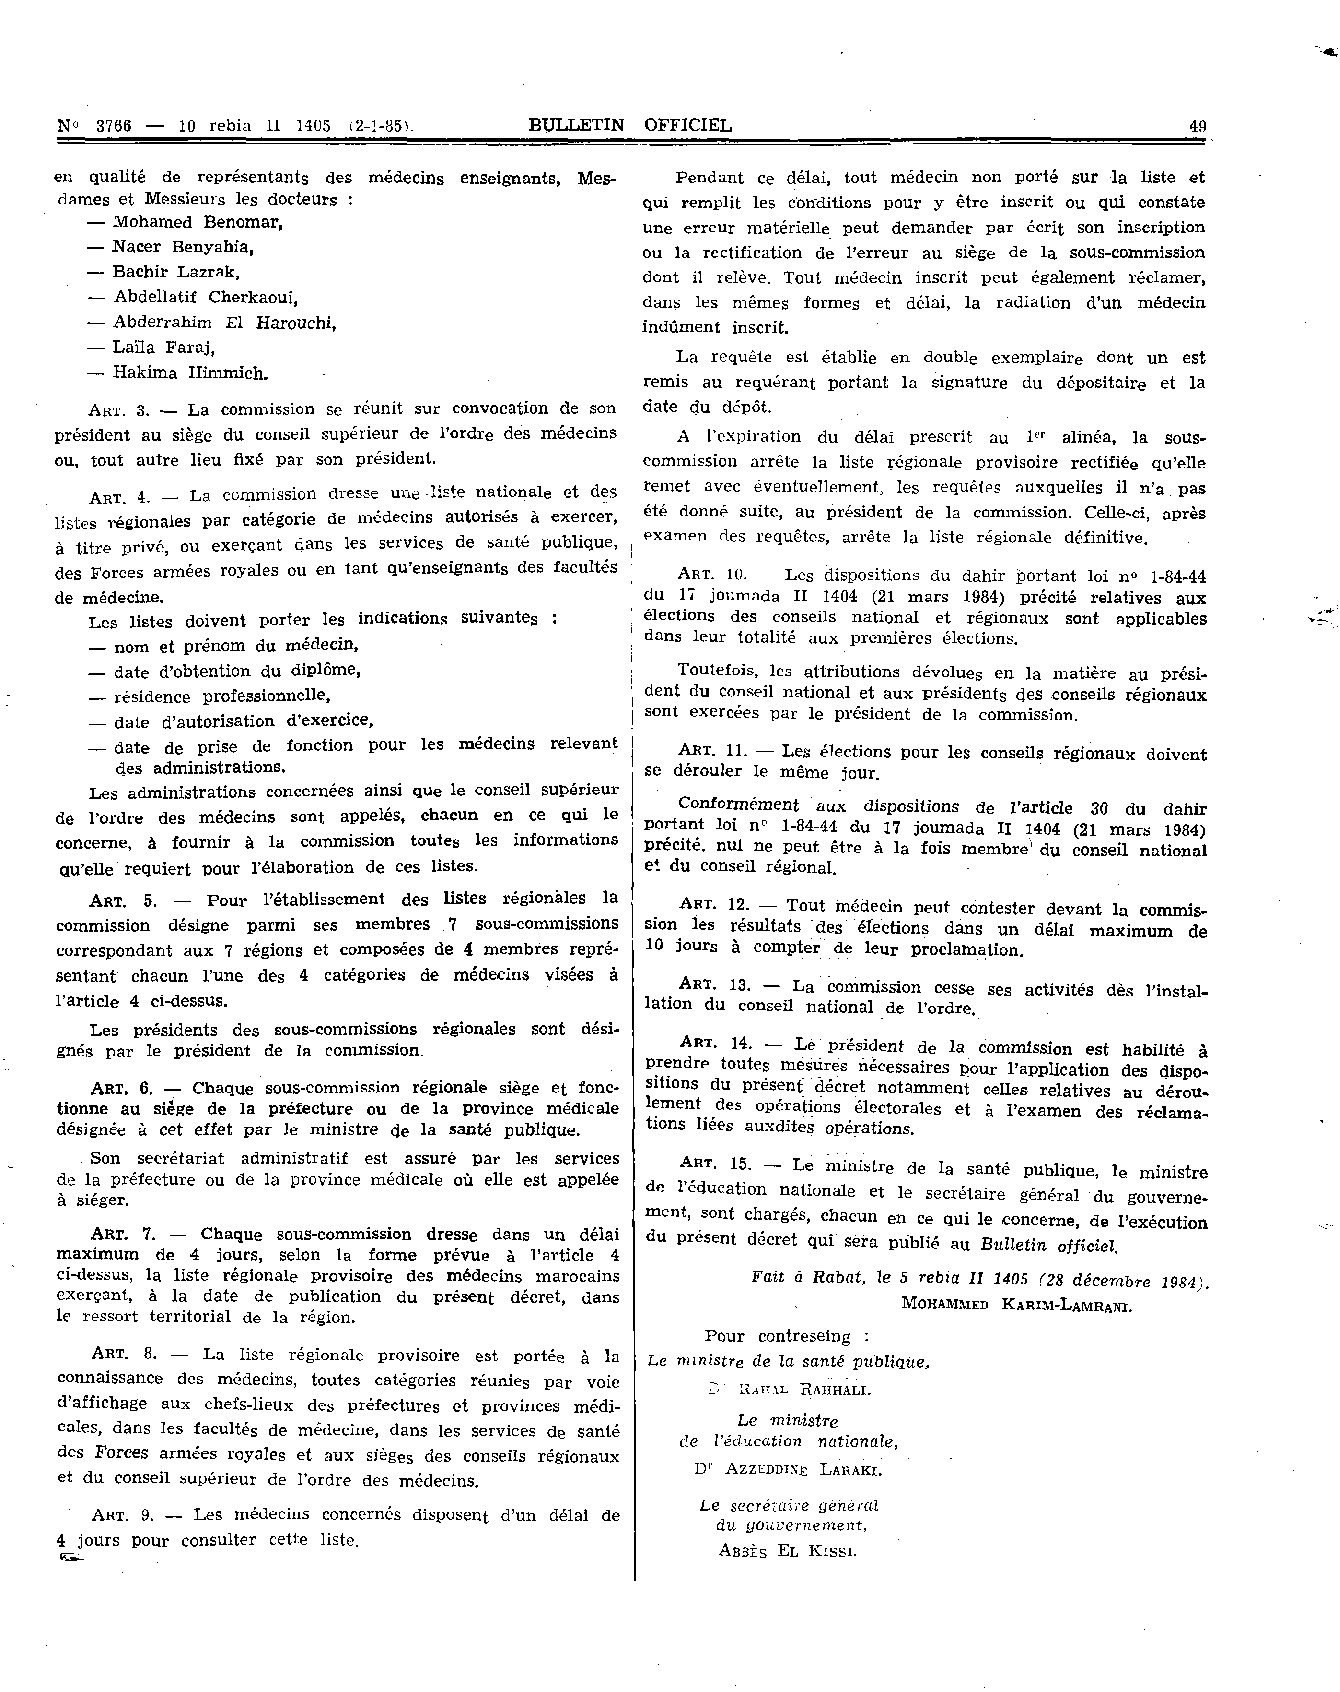 les-prix-maxima-des-acte-et-service-medicaux-dans-le-secteur-prive-049